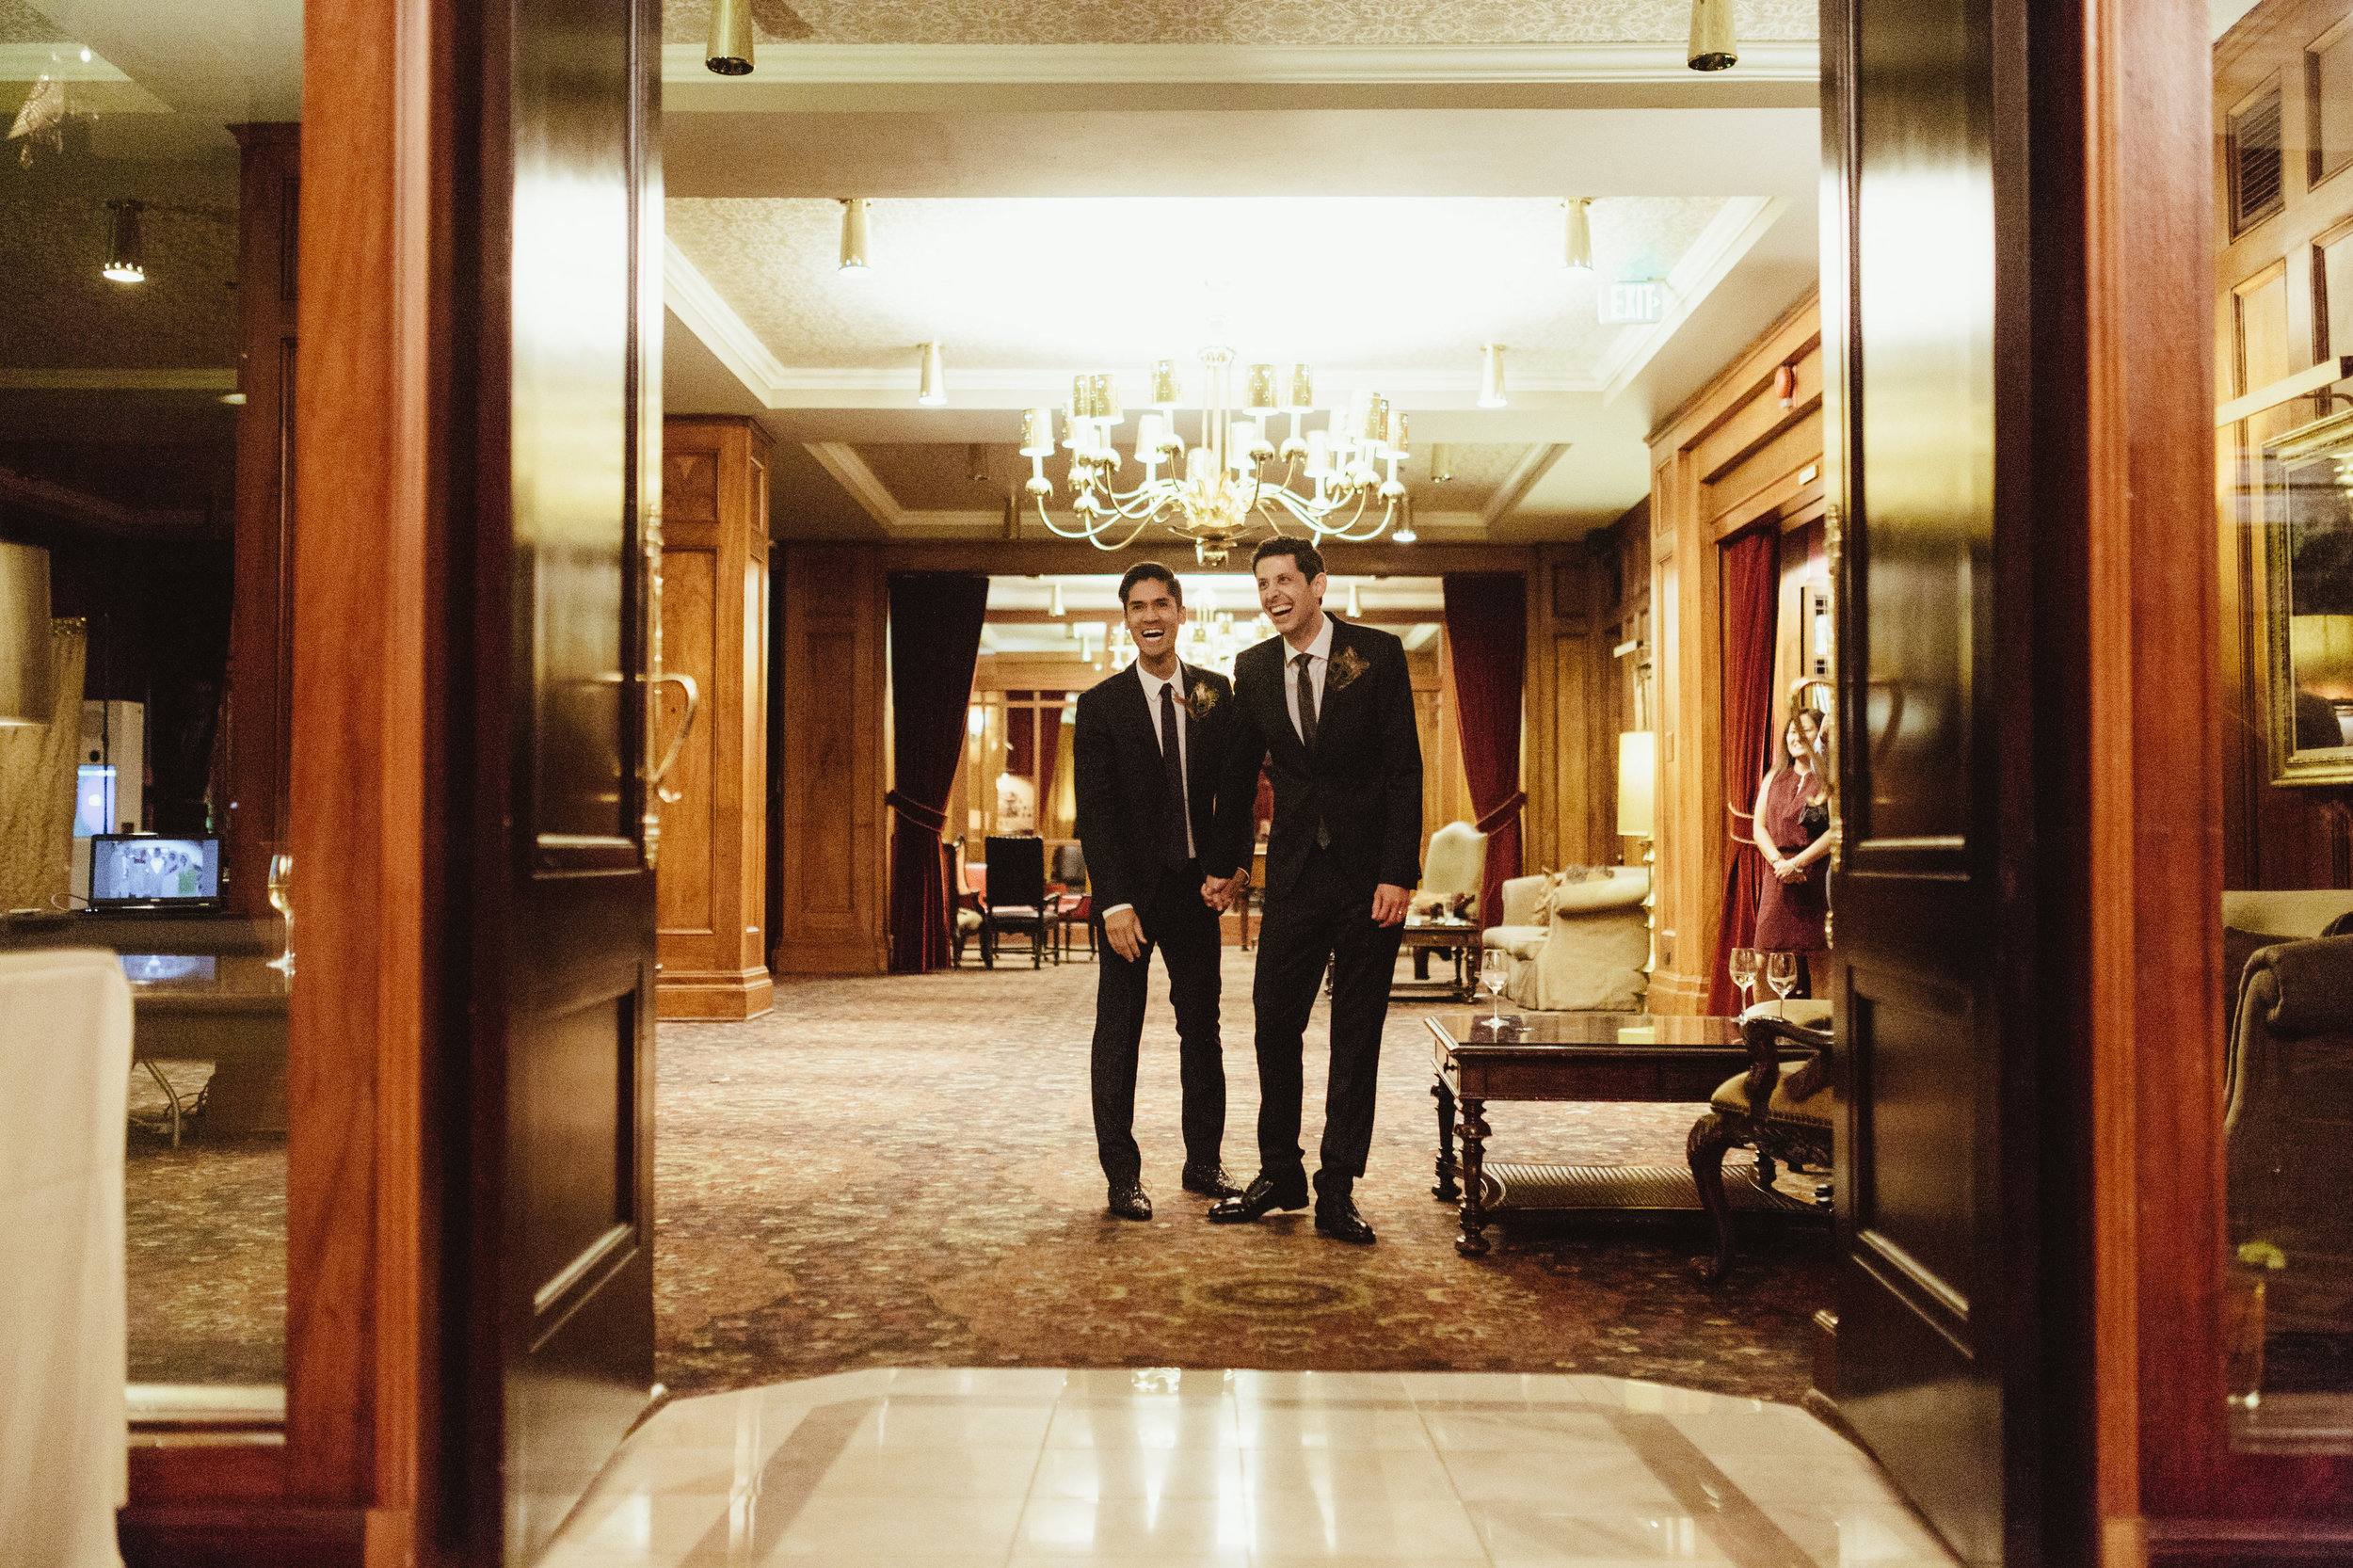 Jaime&BradxTheGatheringSeason276.JPG